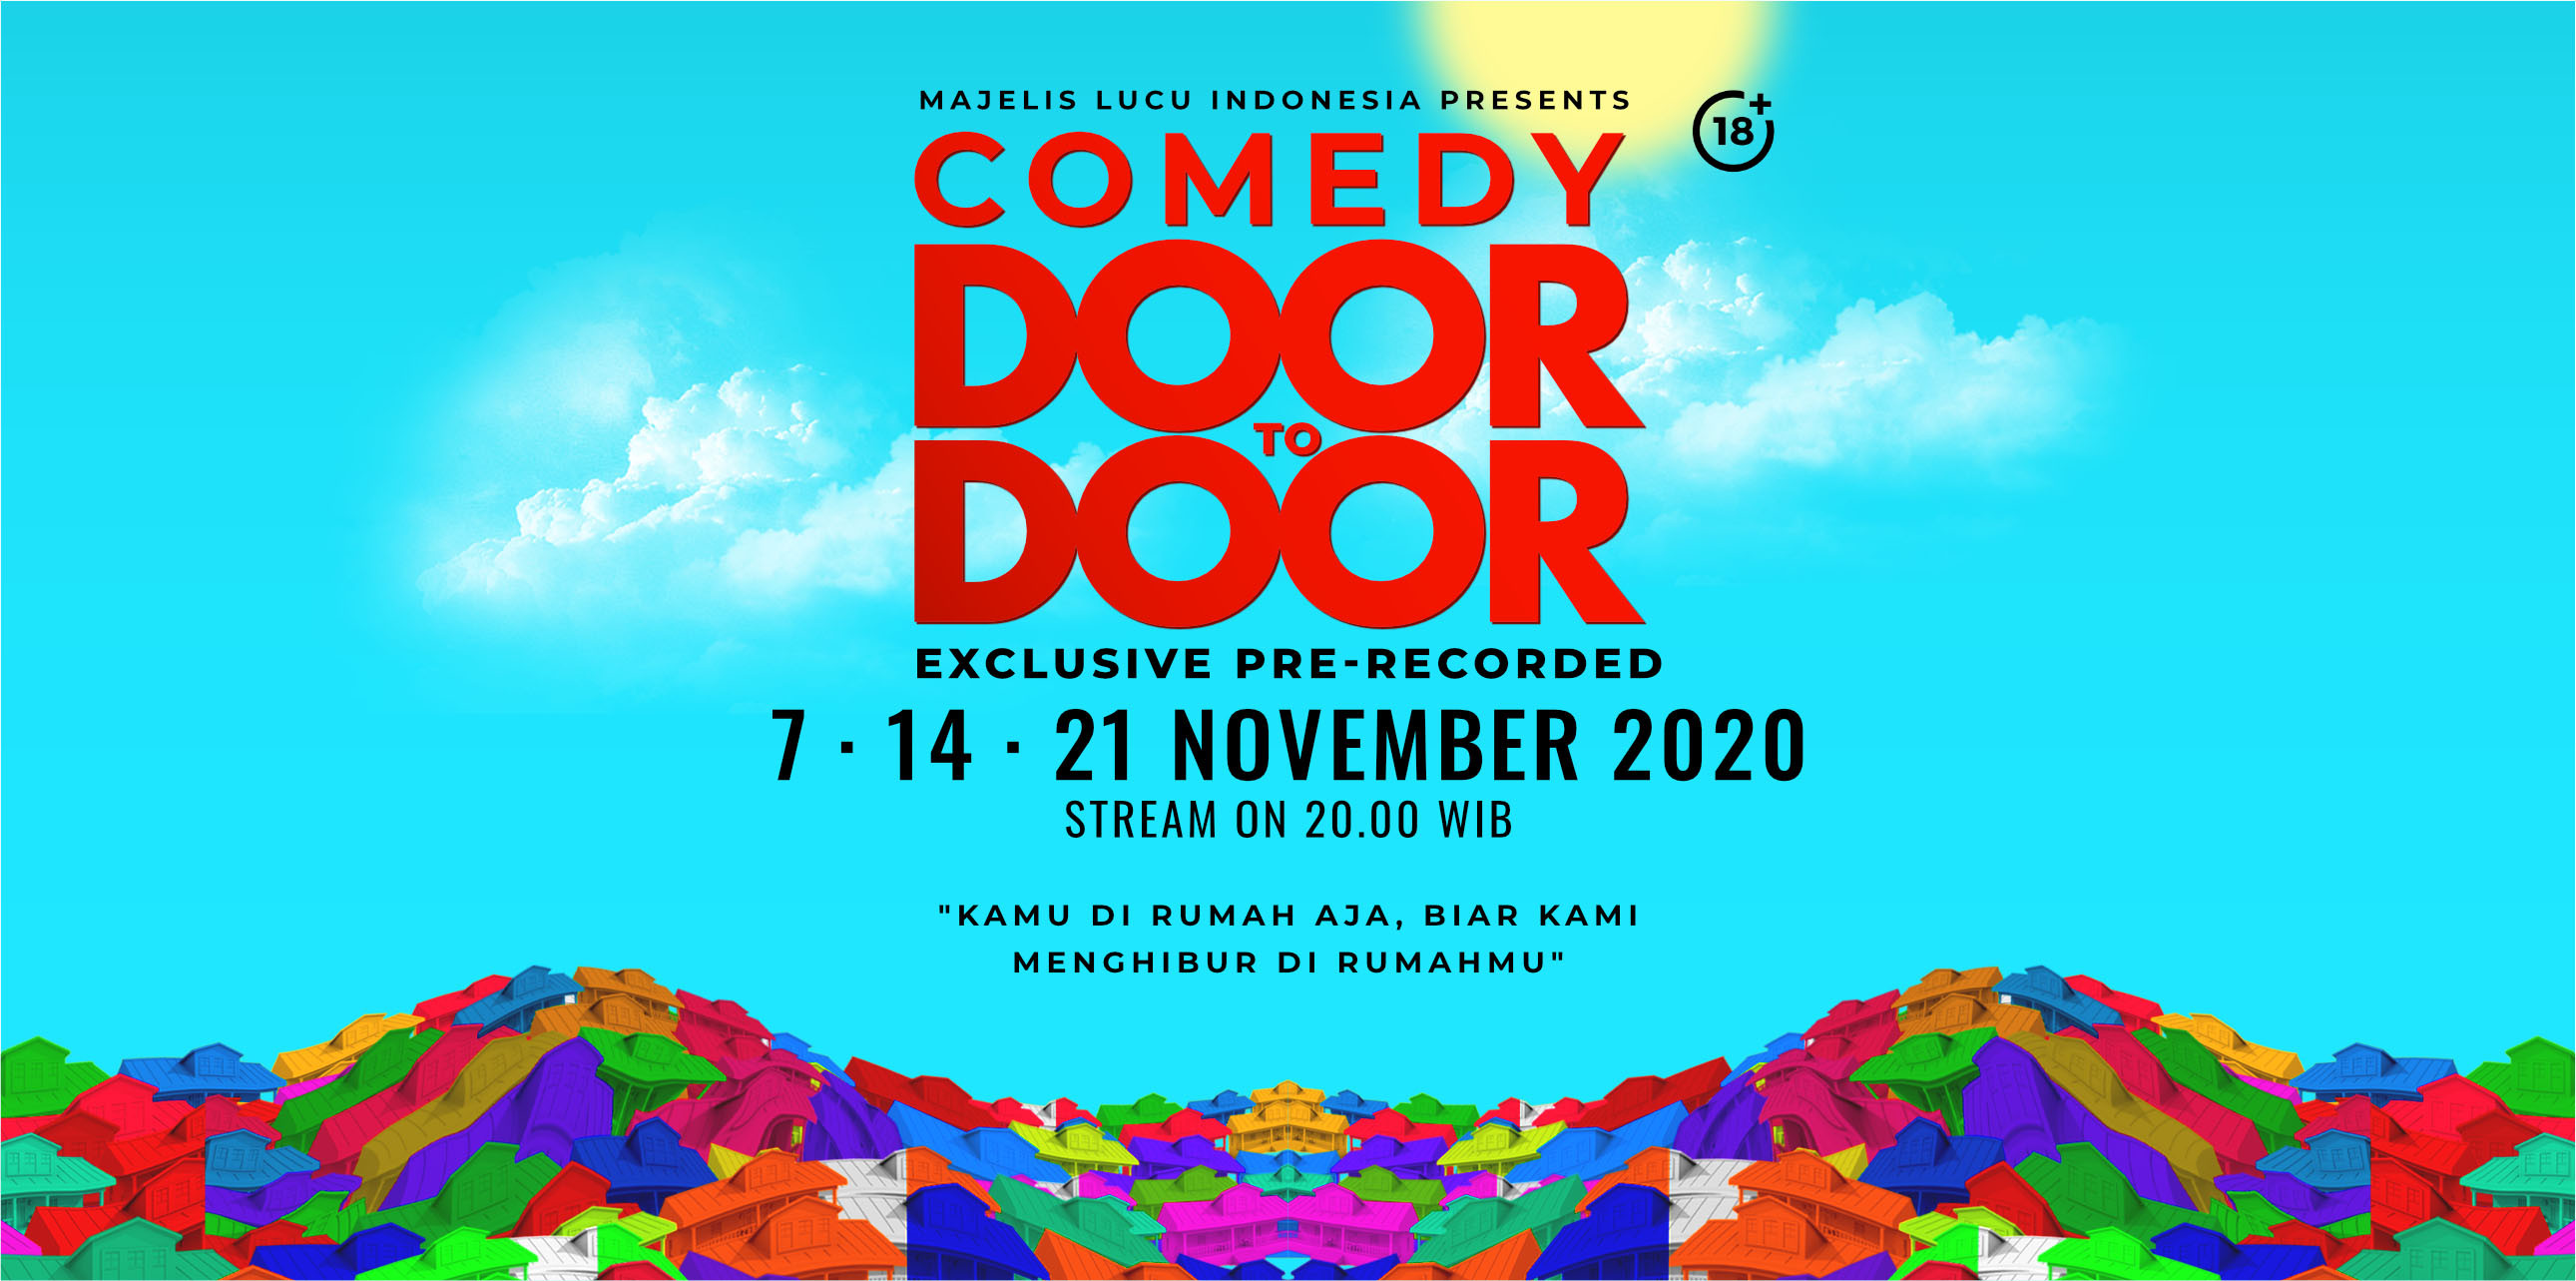 Comedy Door to Door